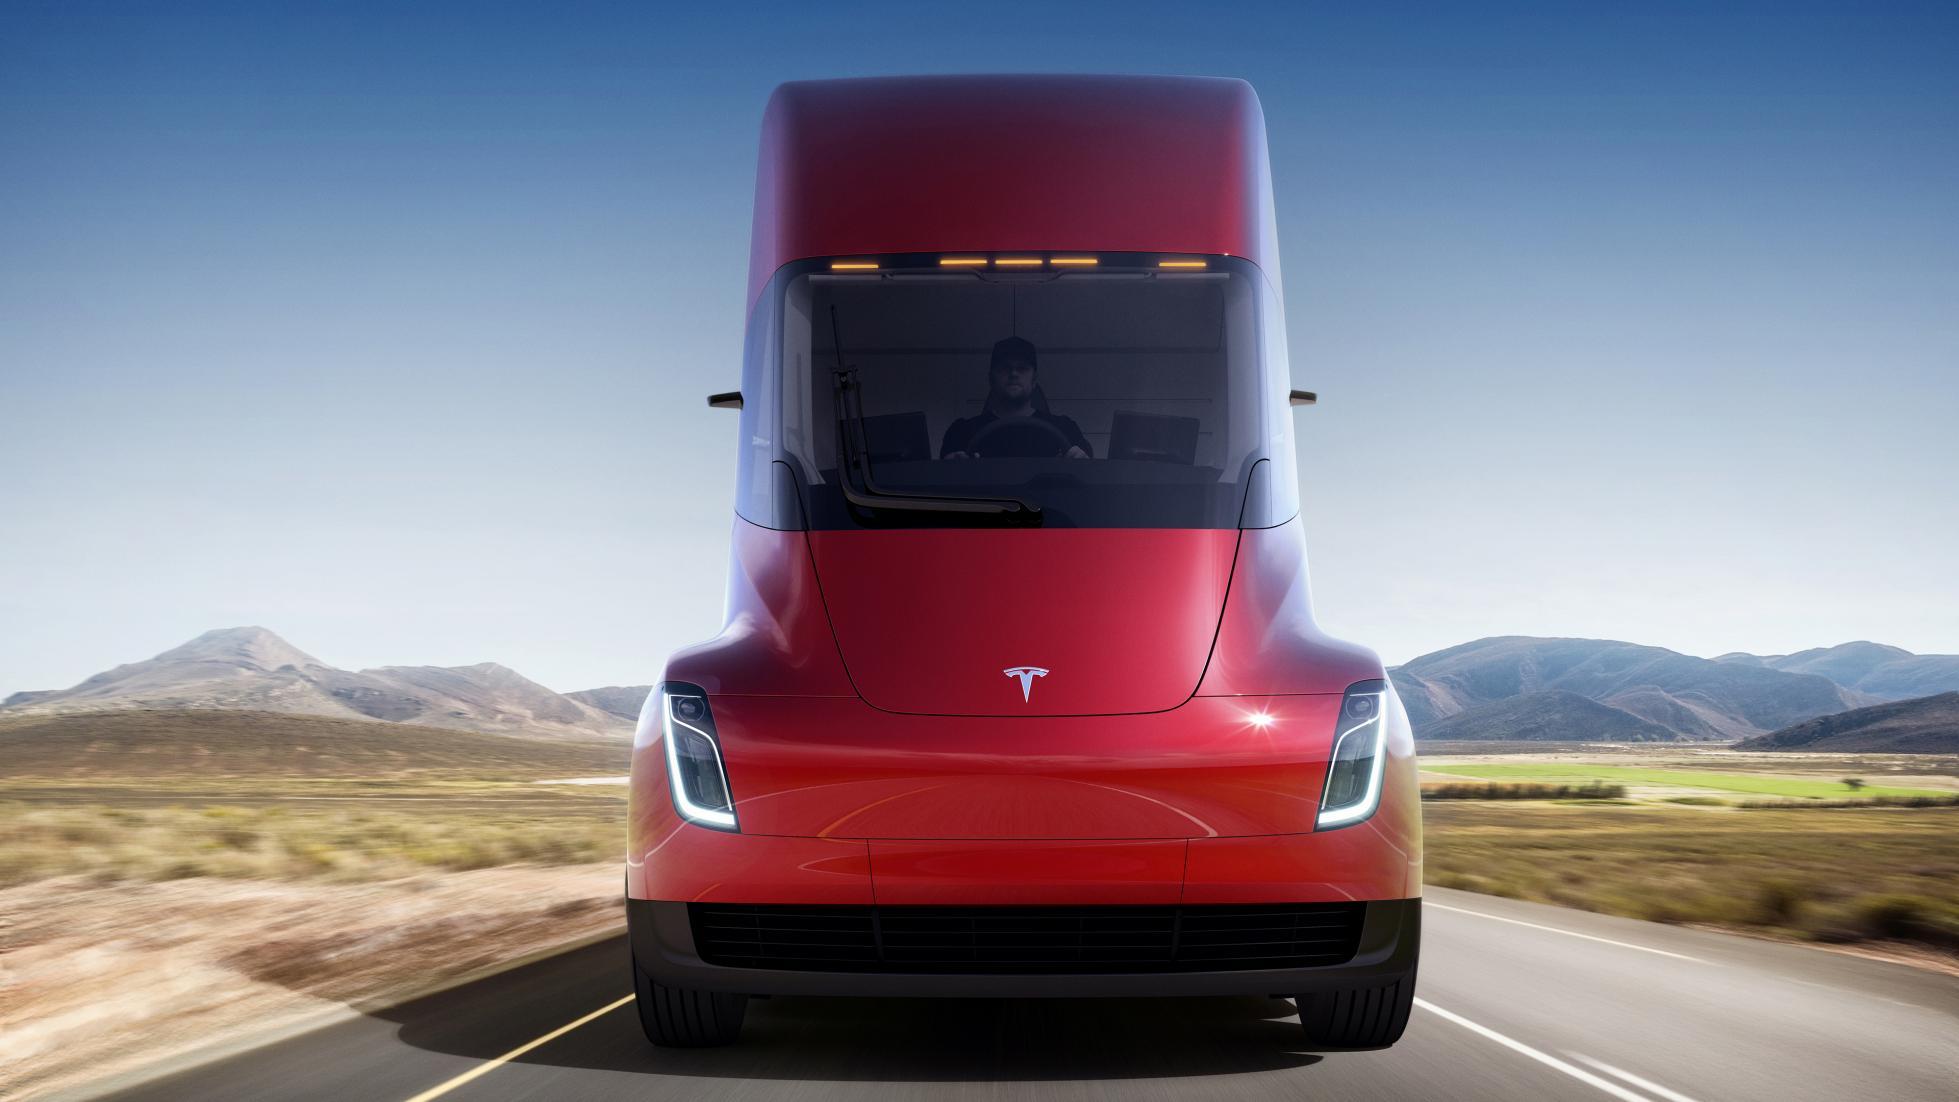 شتاب صفر تا صد یک کامیون بی راننده در 5 ثانیه